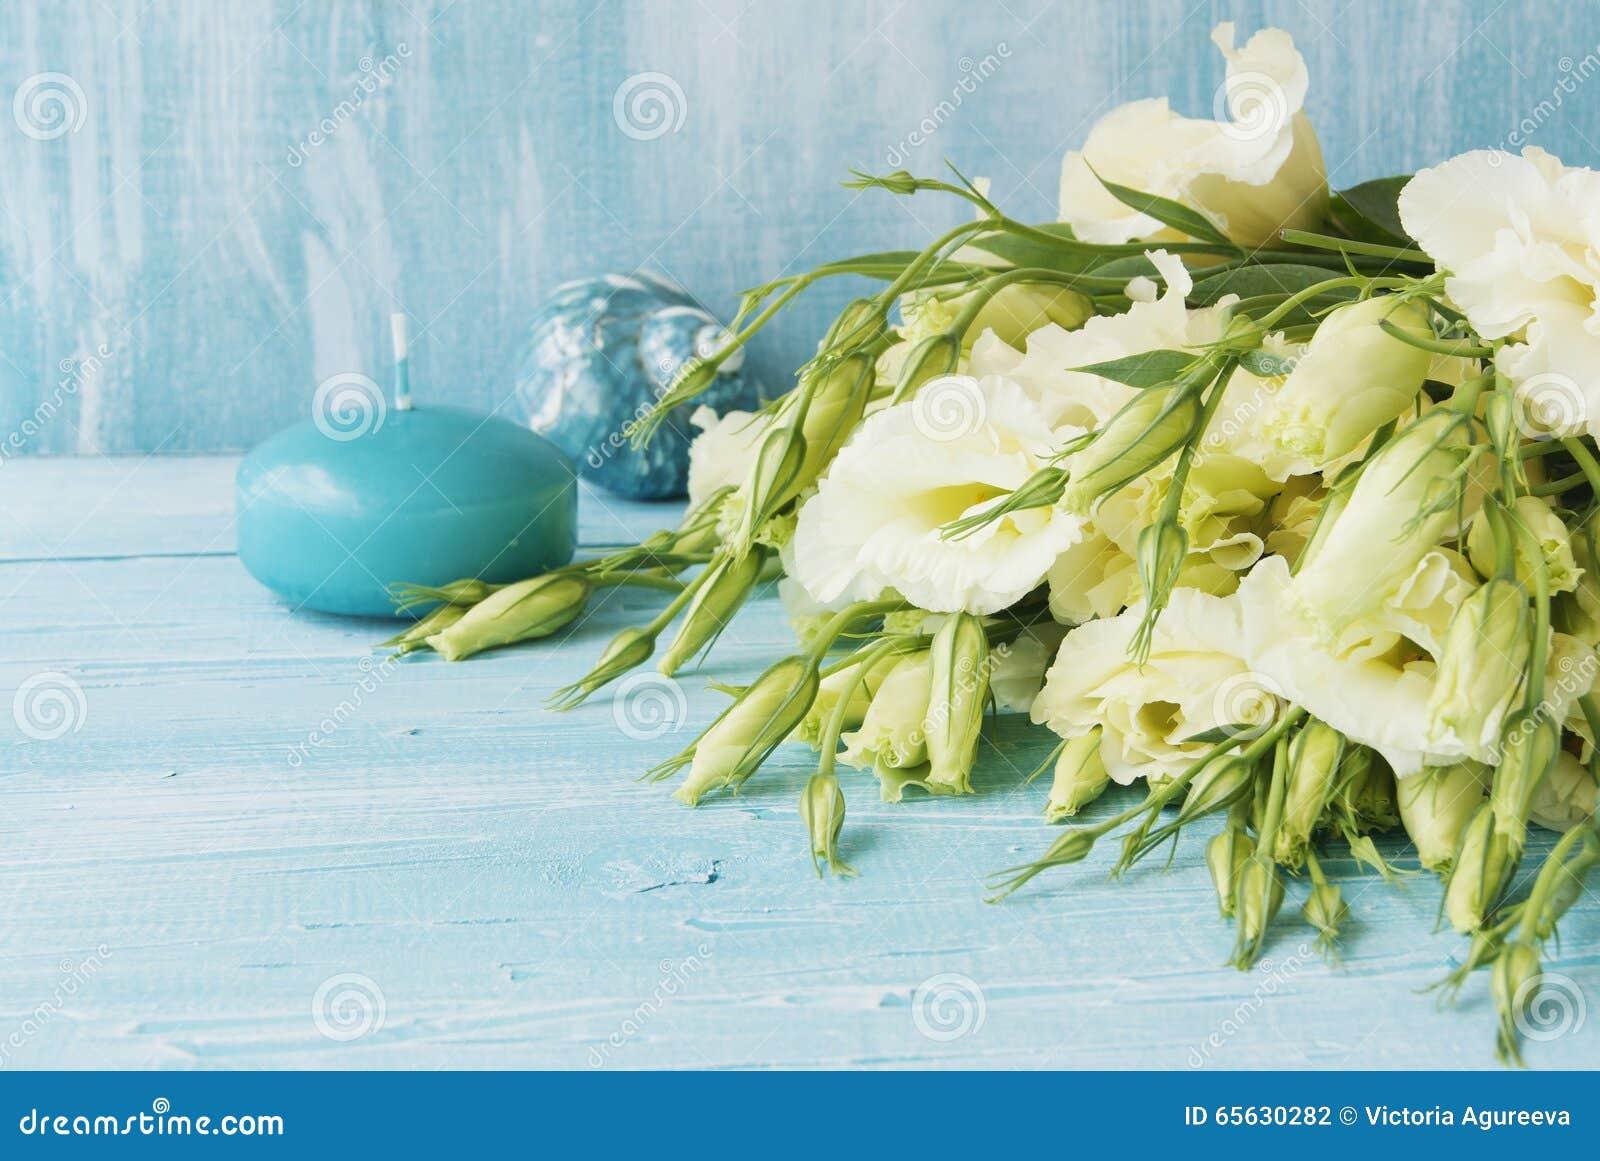 Fleurs blanches se trouvant sur un conseil en bois bleu